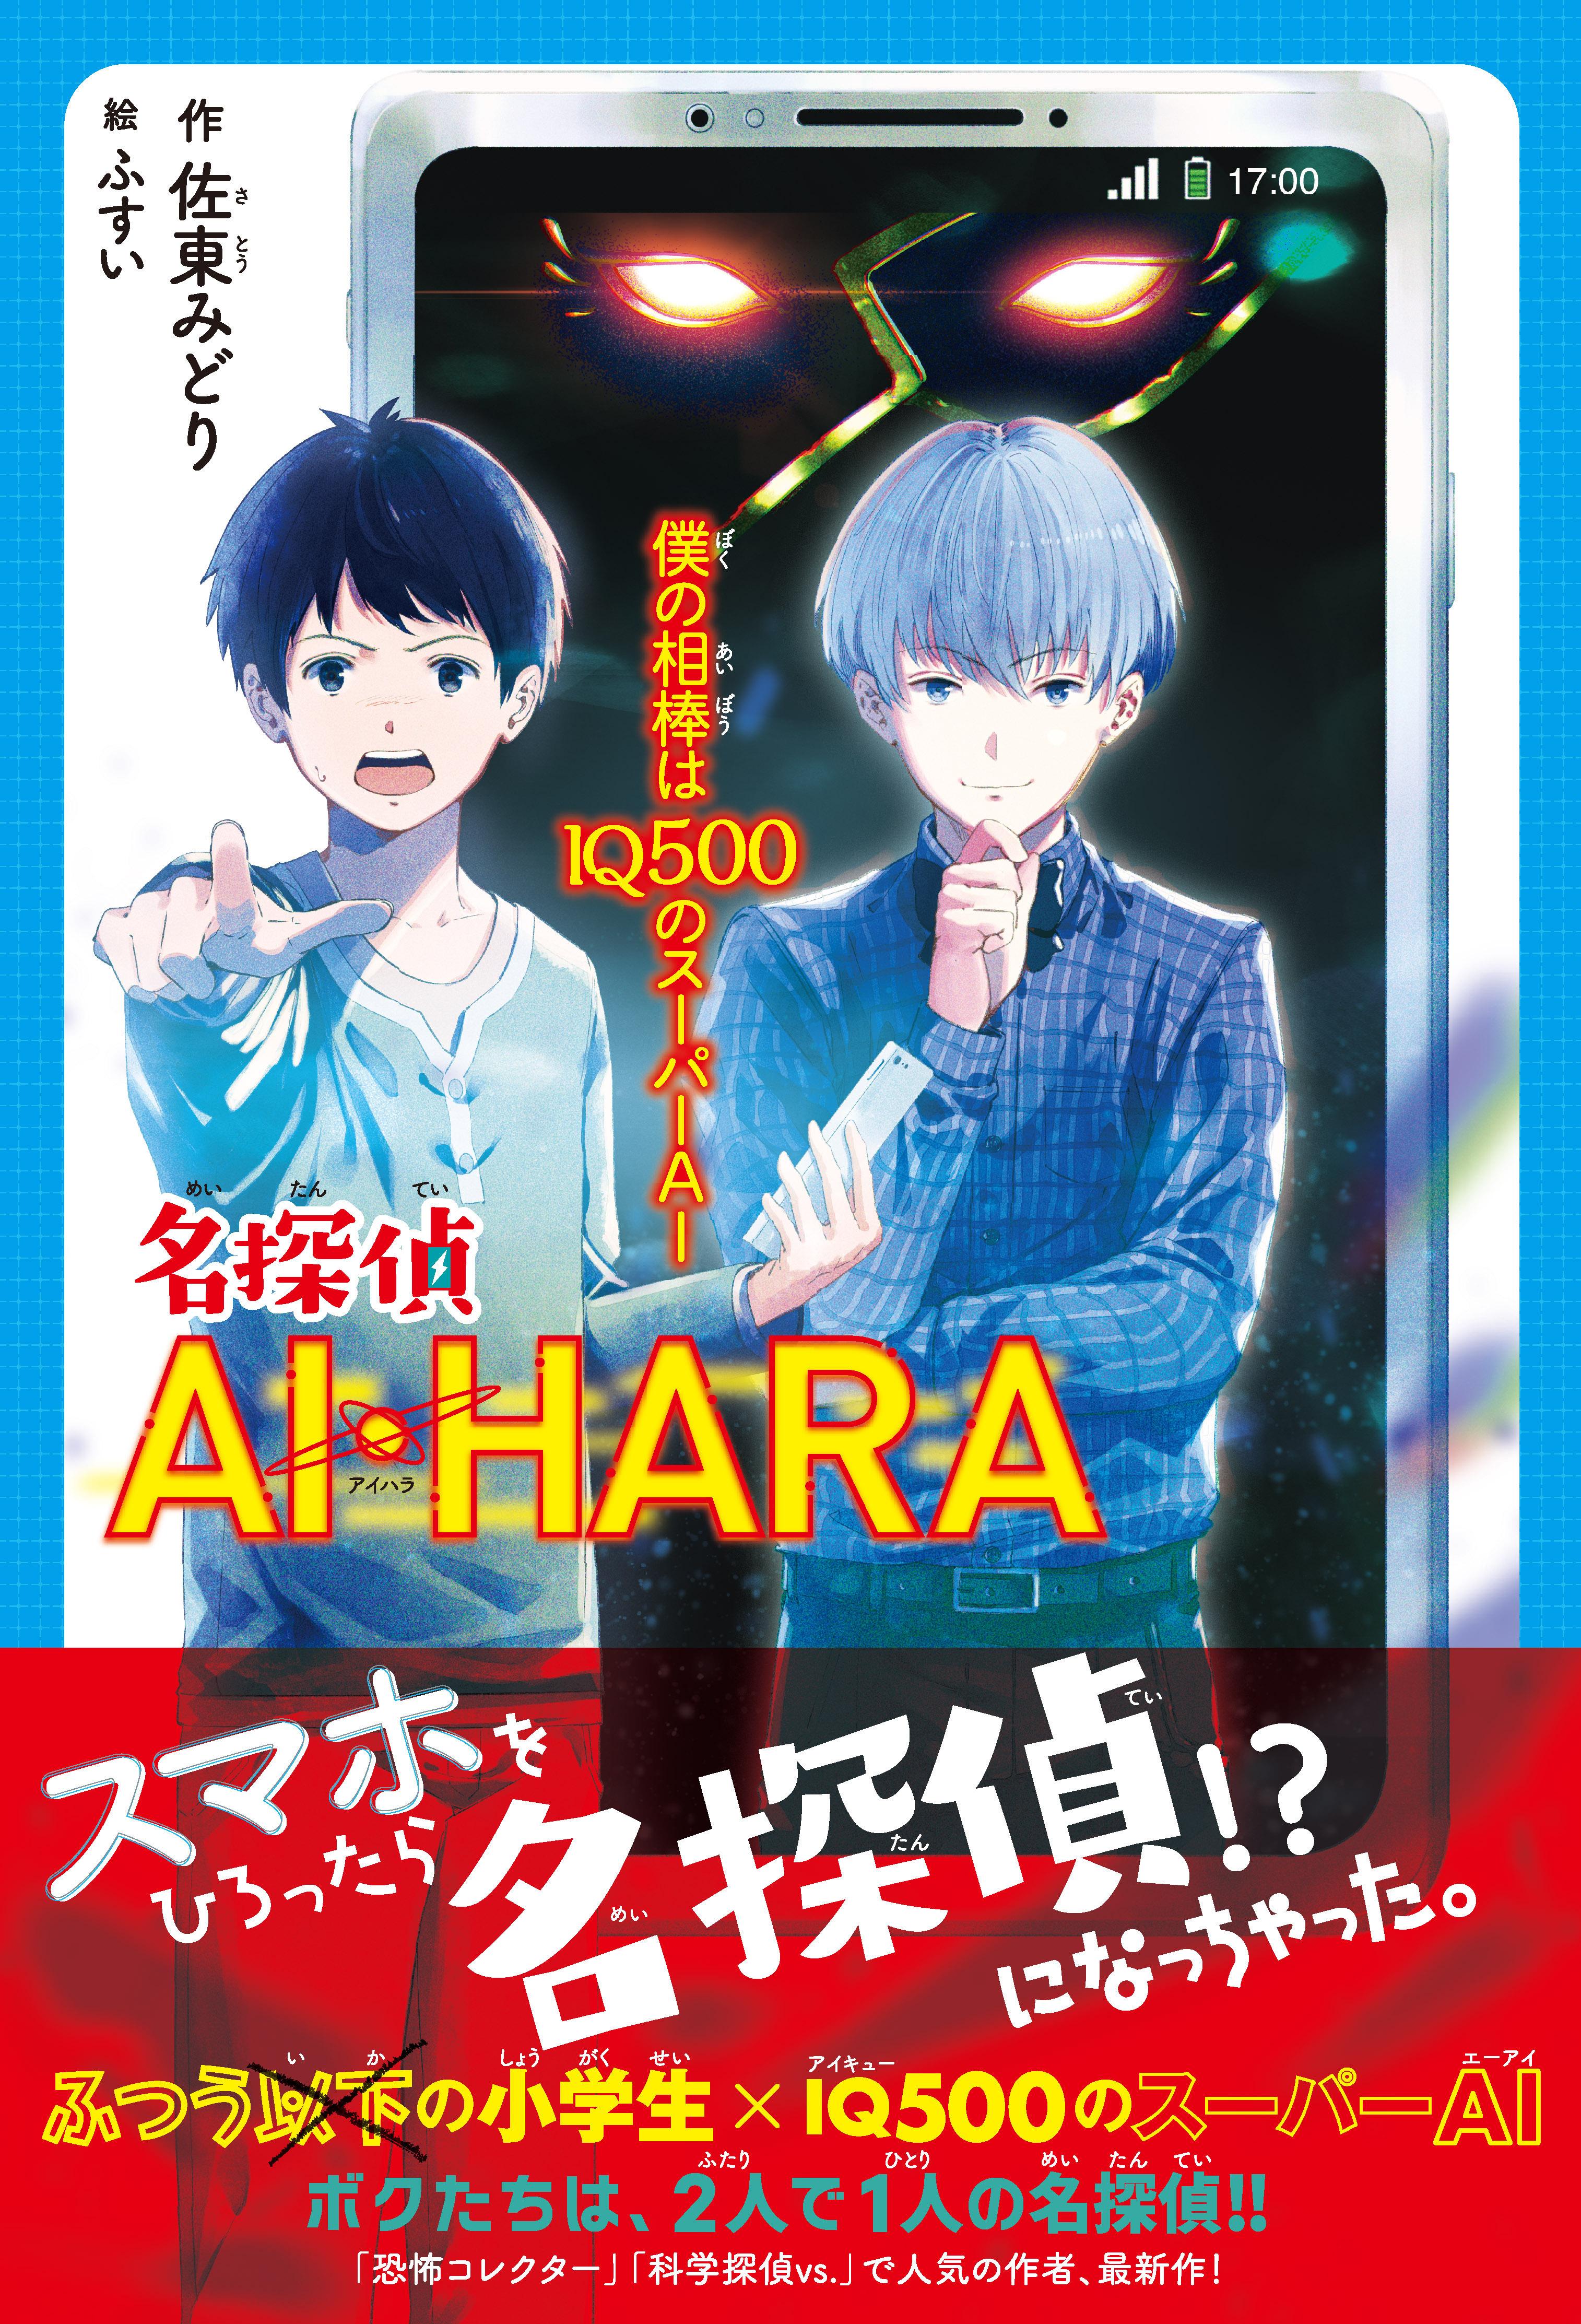 書影:名探偵AI・HARA 僕の相棒はIQ500のスーパーAI